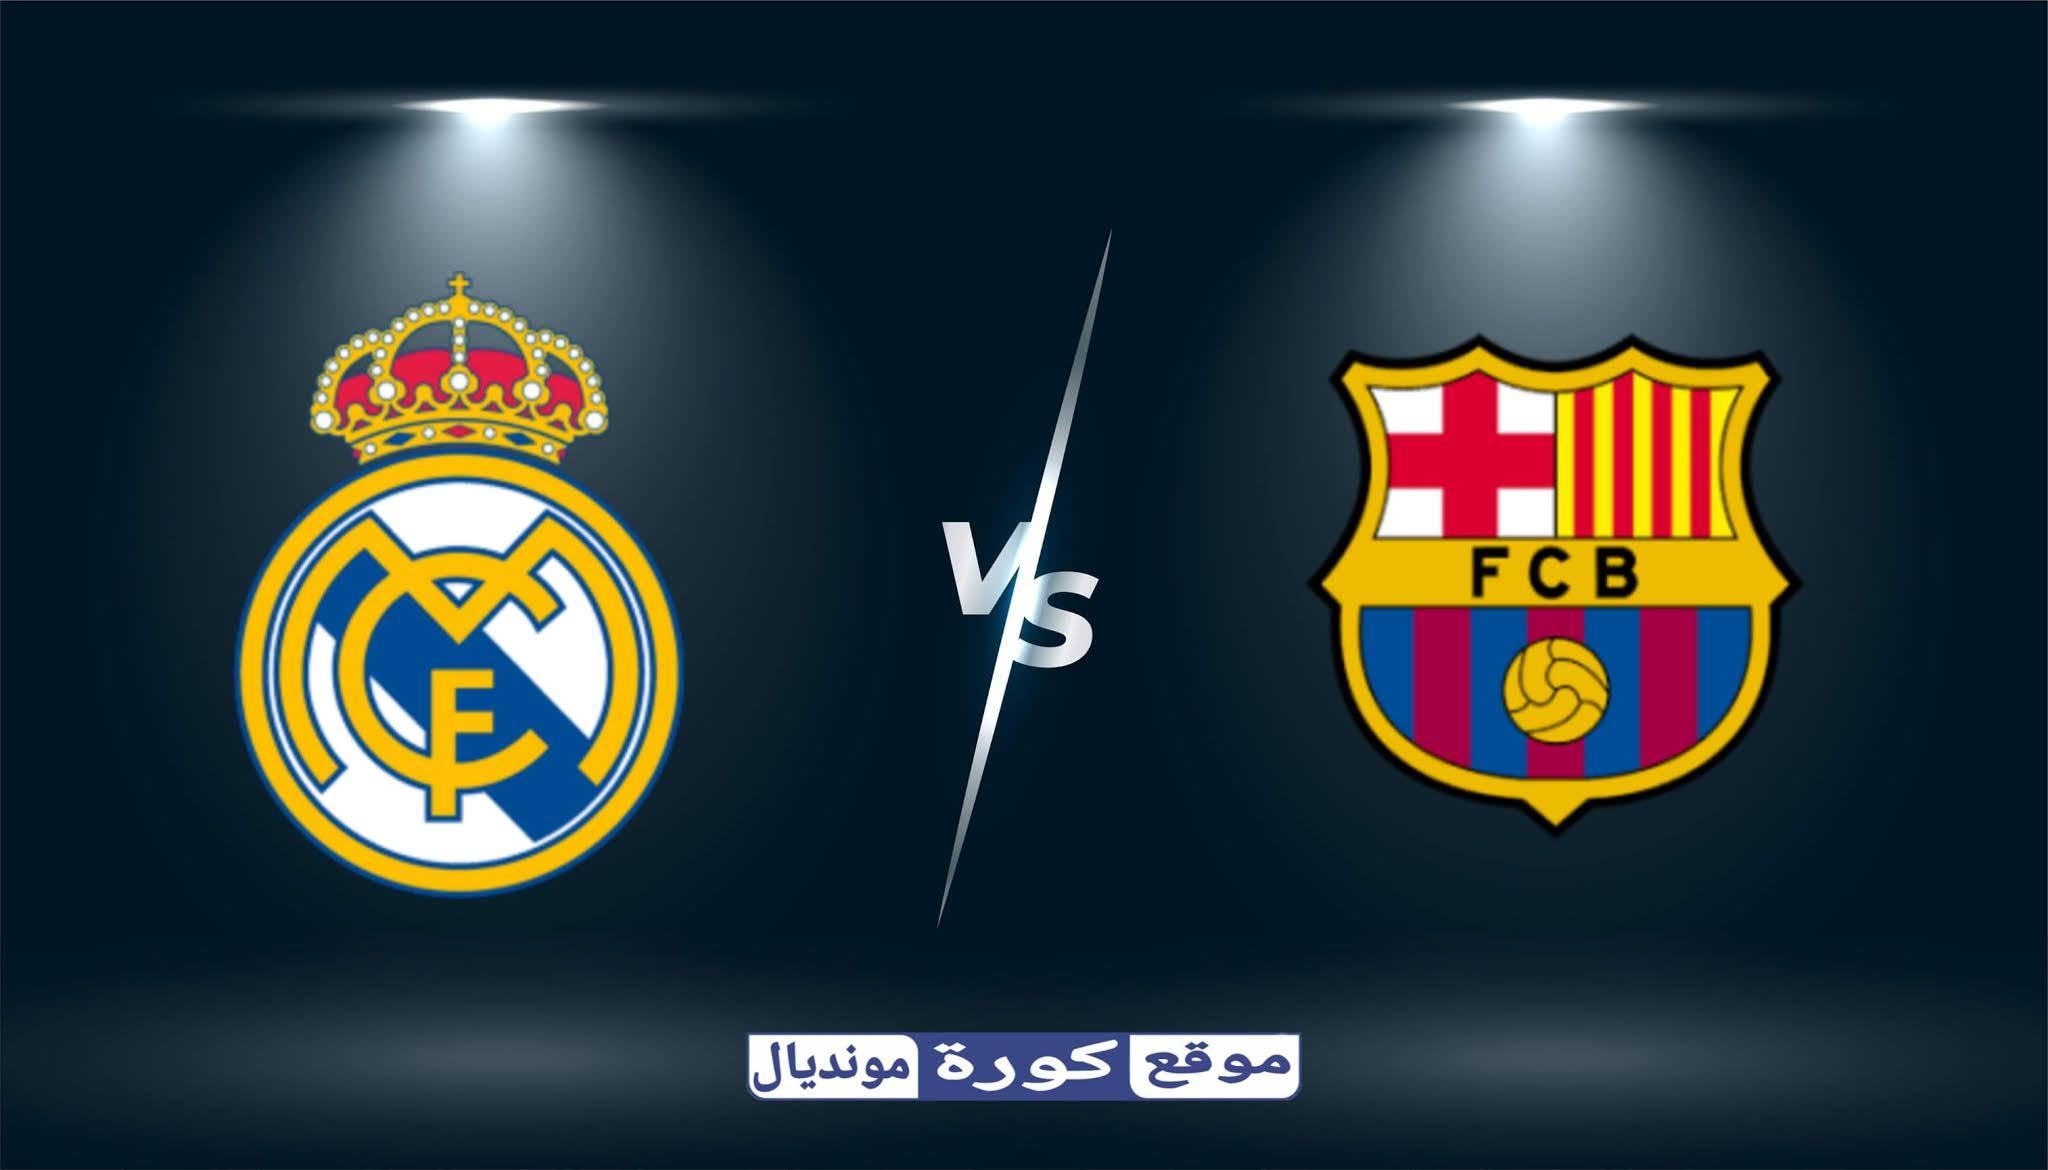 """مشاهدة مباراة برشلونة و ريال مدريد """"الكلاسيكو""""  بث مباشر اليوم 24-10-2020 في الدوري الإسباني جو فور كورة"""